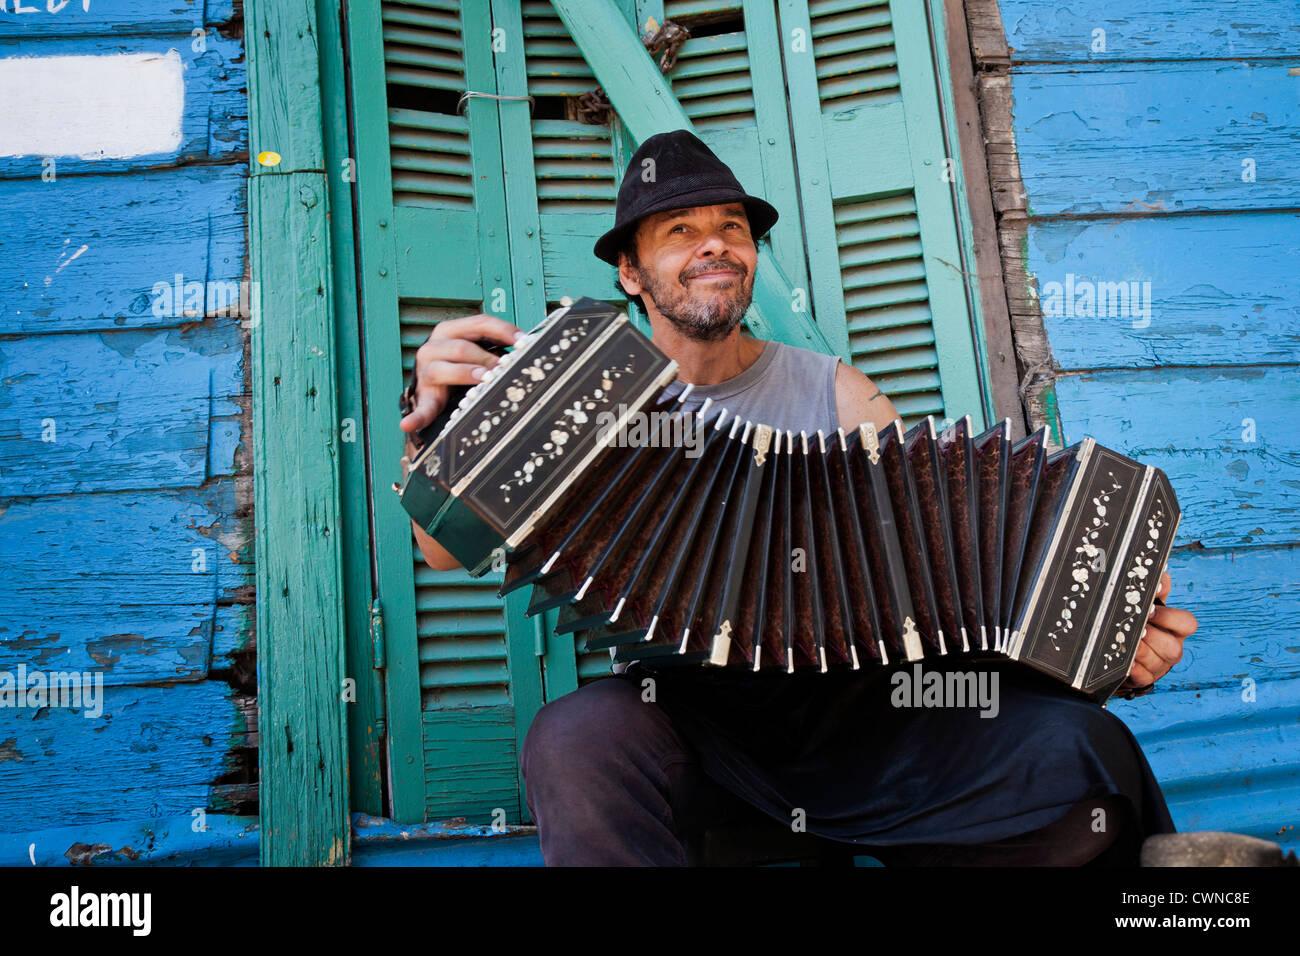 Músico tocando el área bandeon en Caminito en la boca. Buenos Aires, Argentina Imagen De Stock